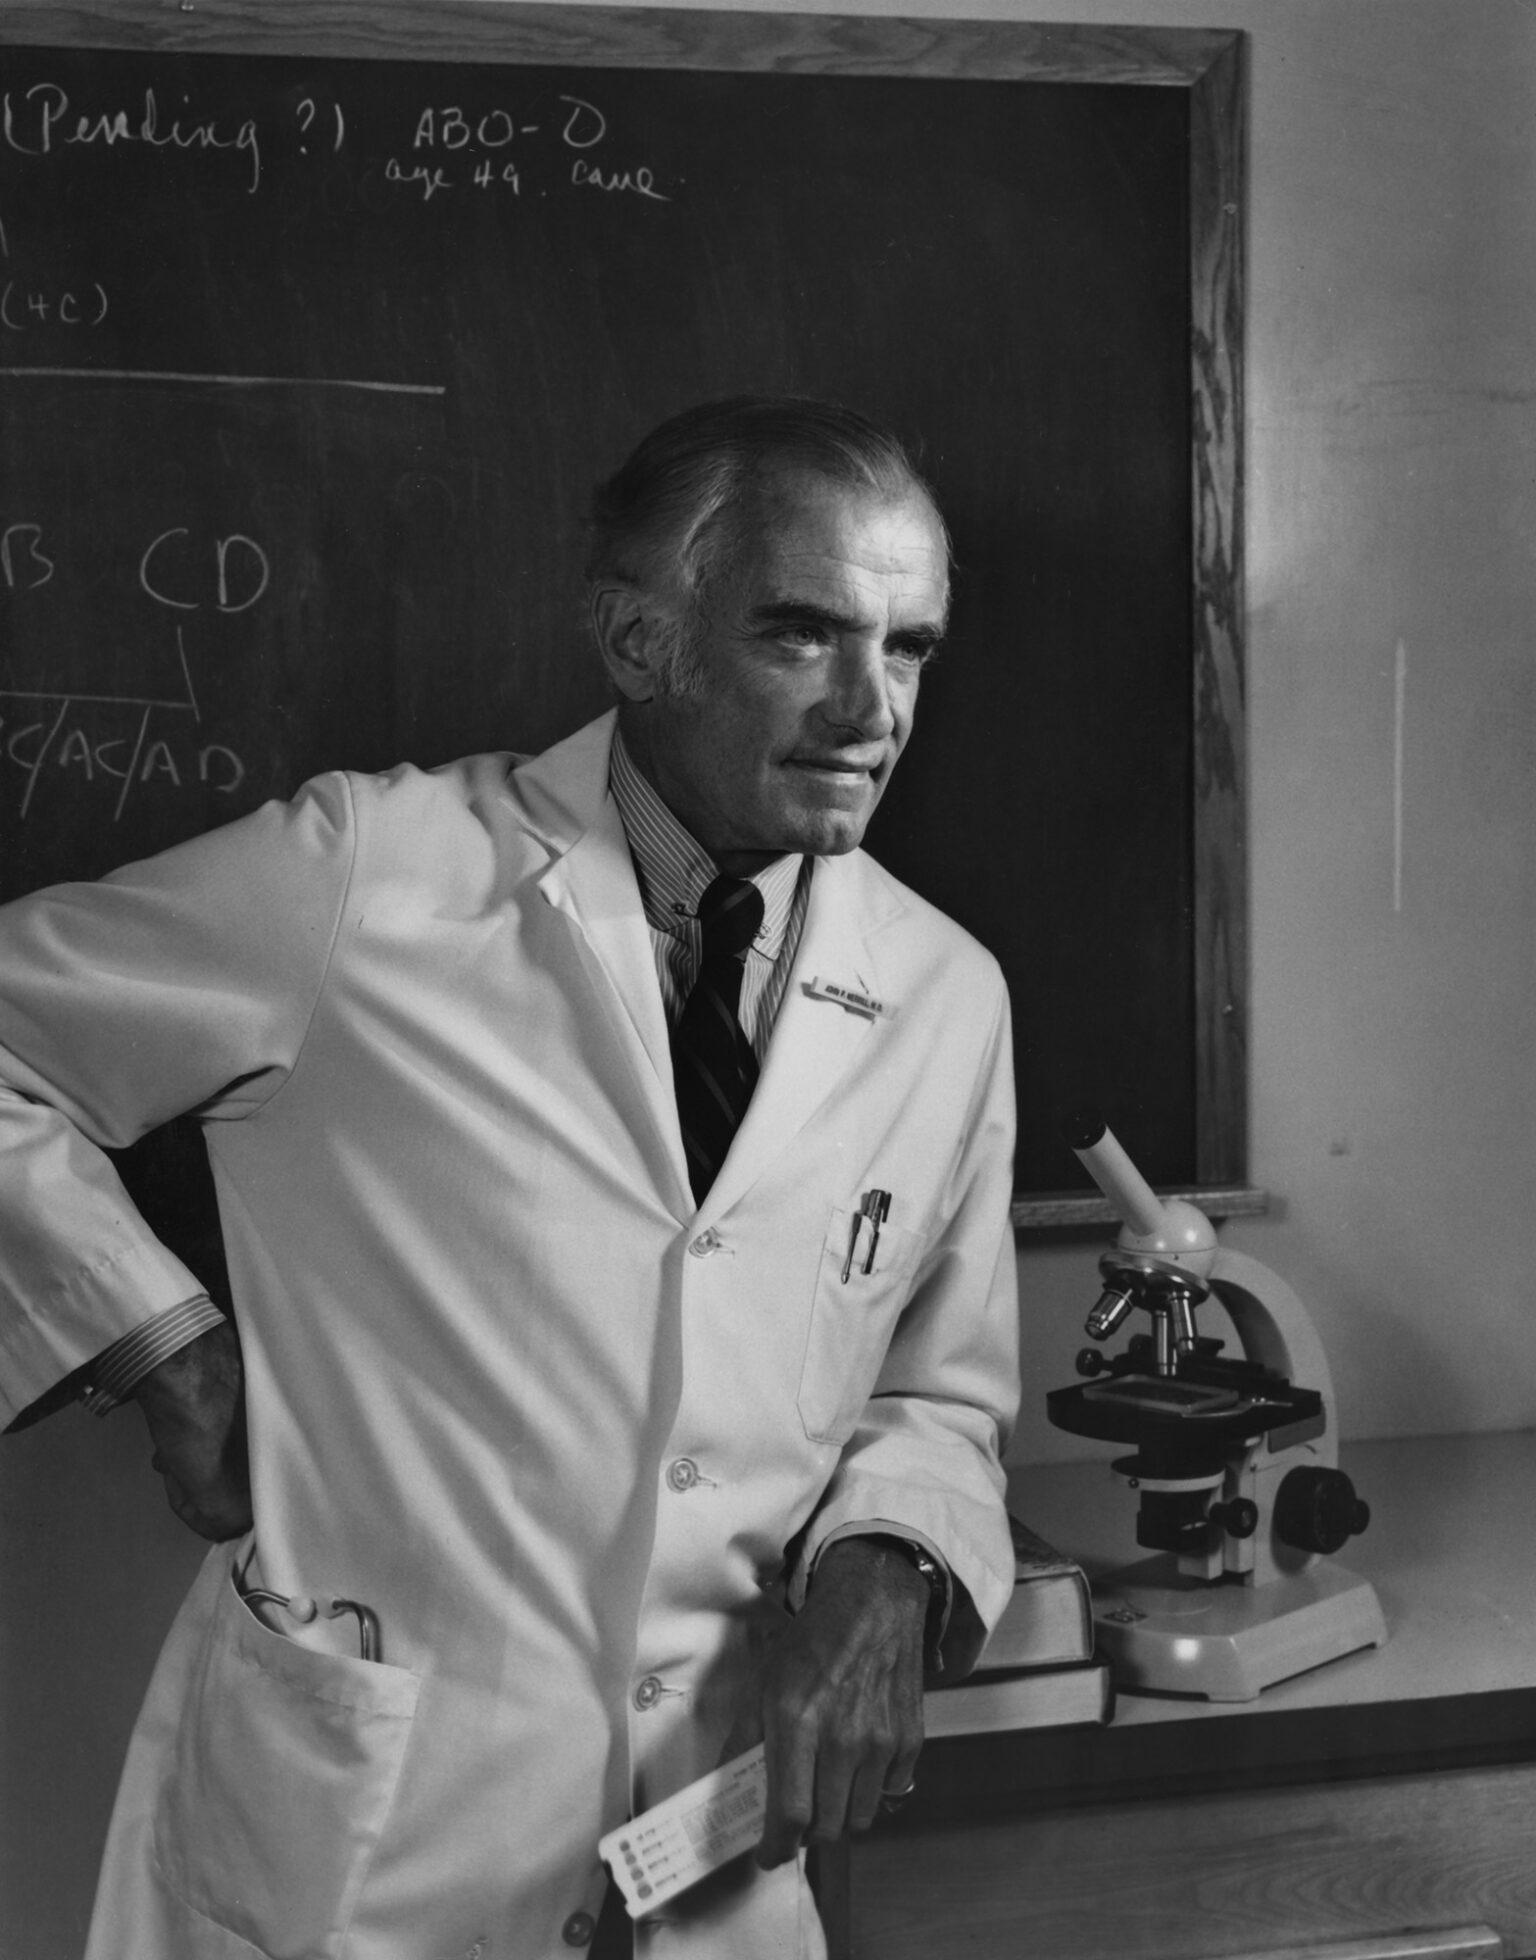 Dr. John P. Merrill